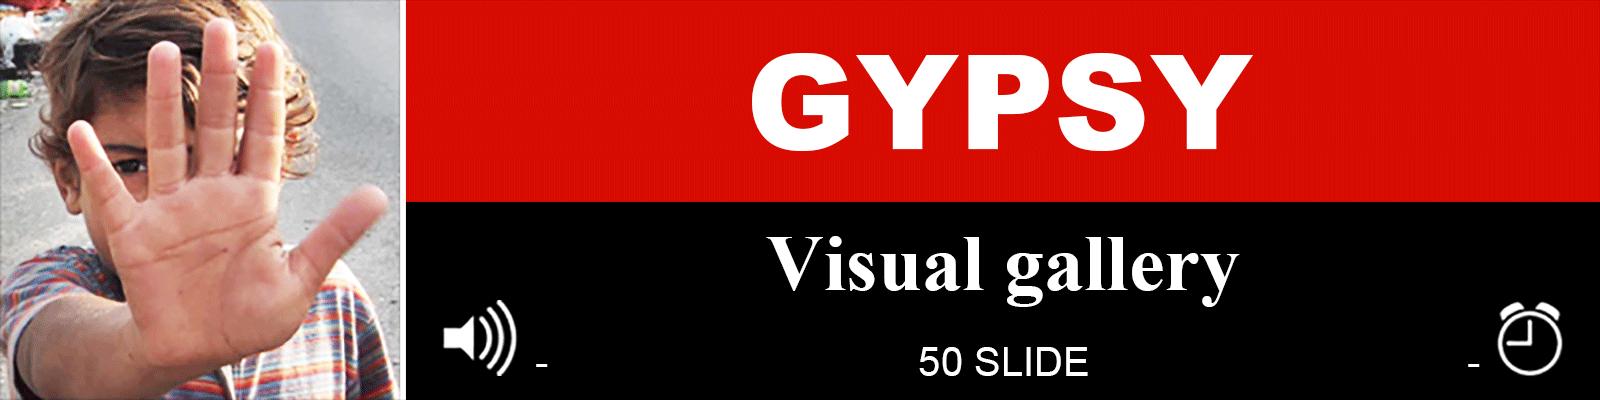 gypsy-illegal-body